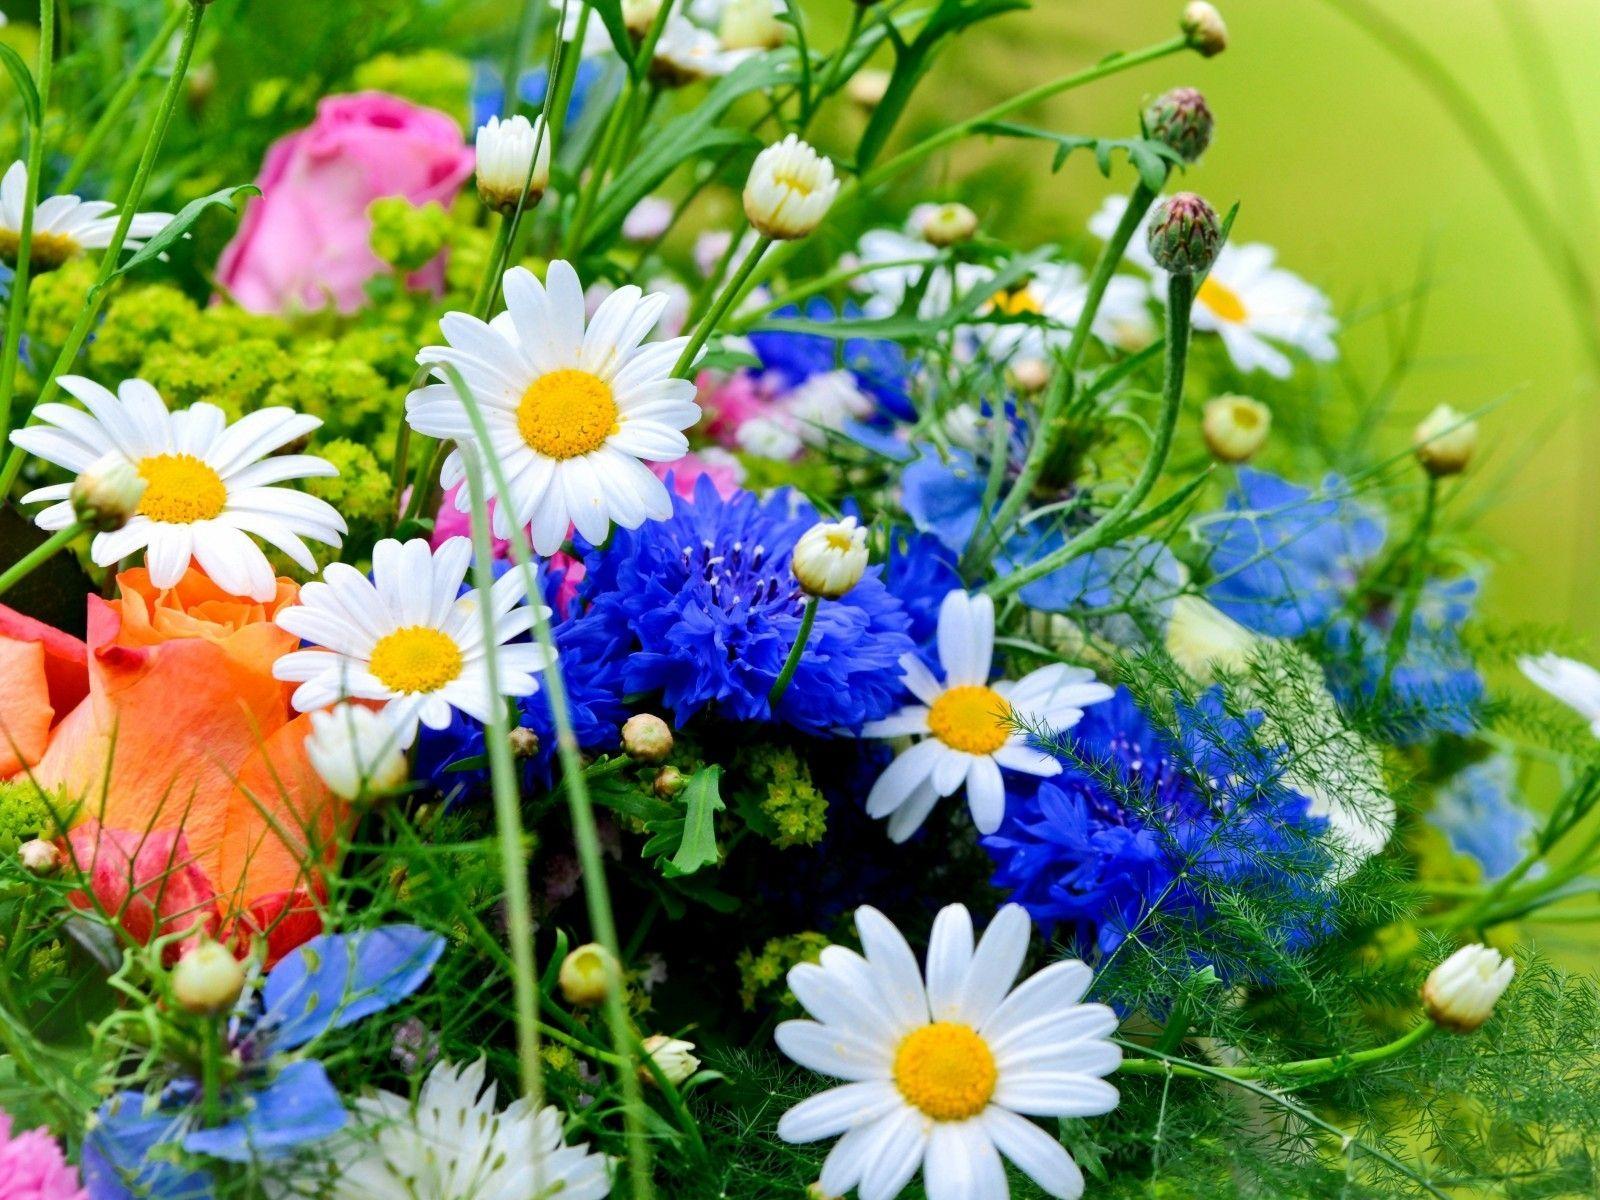 banco de imagenes gratis 12 fotos de flores preciosas en varios colores para compartir - Fotos De Flores Preciosas